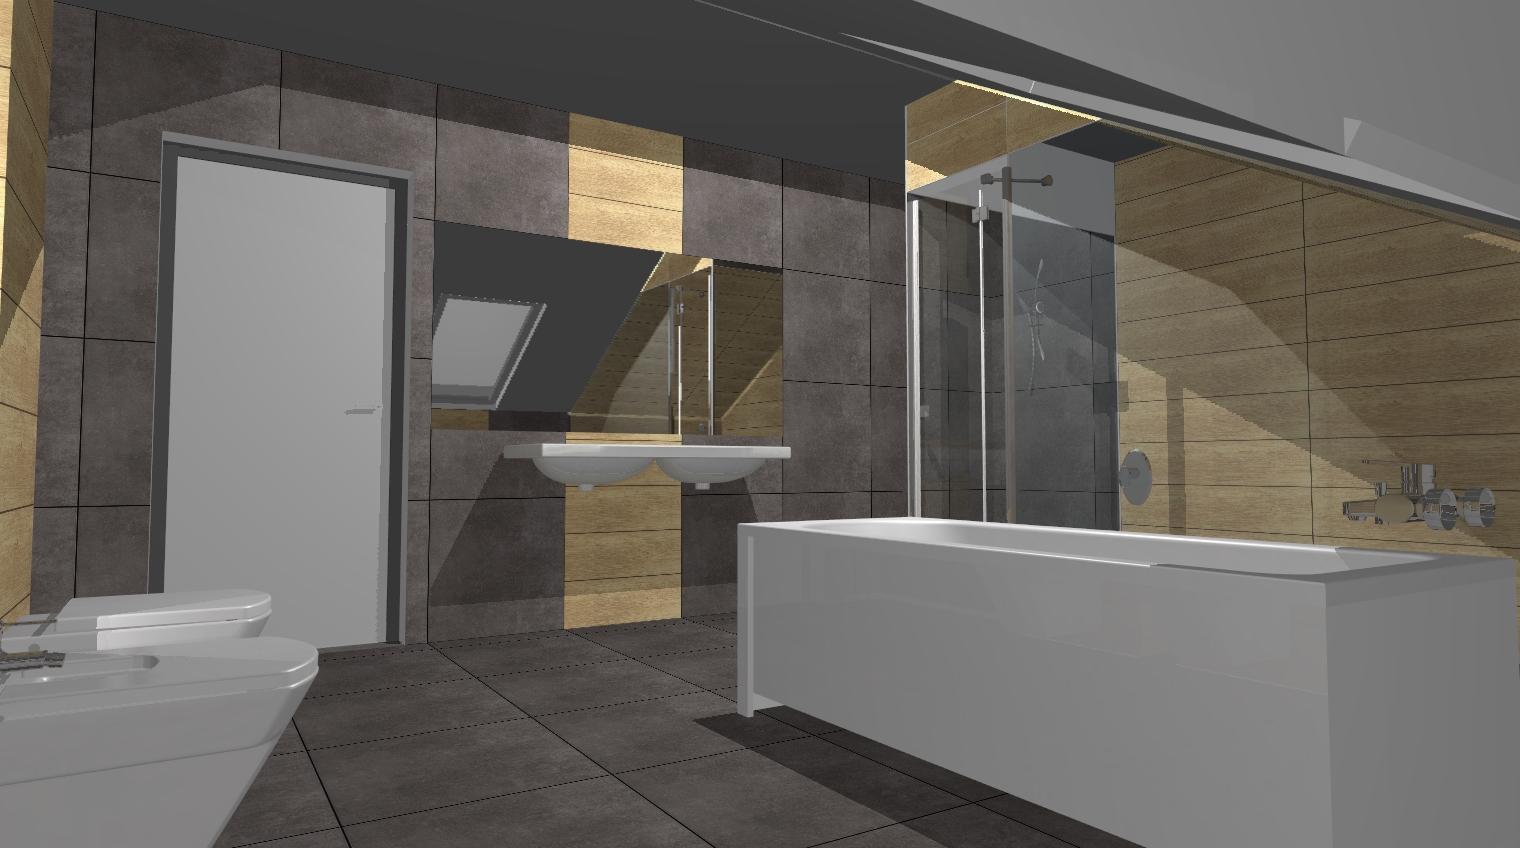 swl: łazienka z sauną